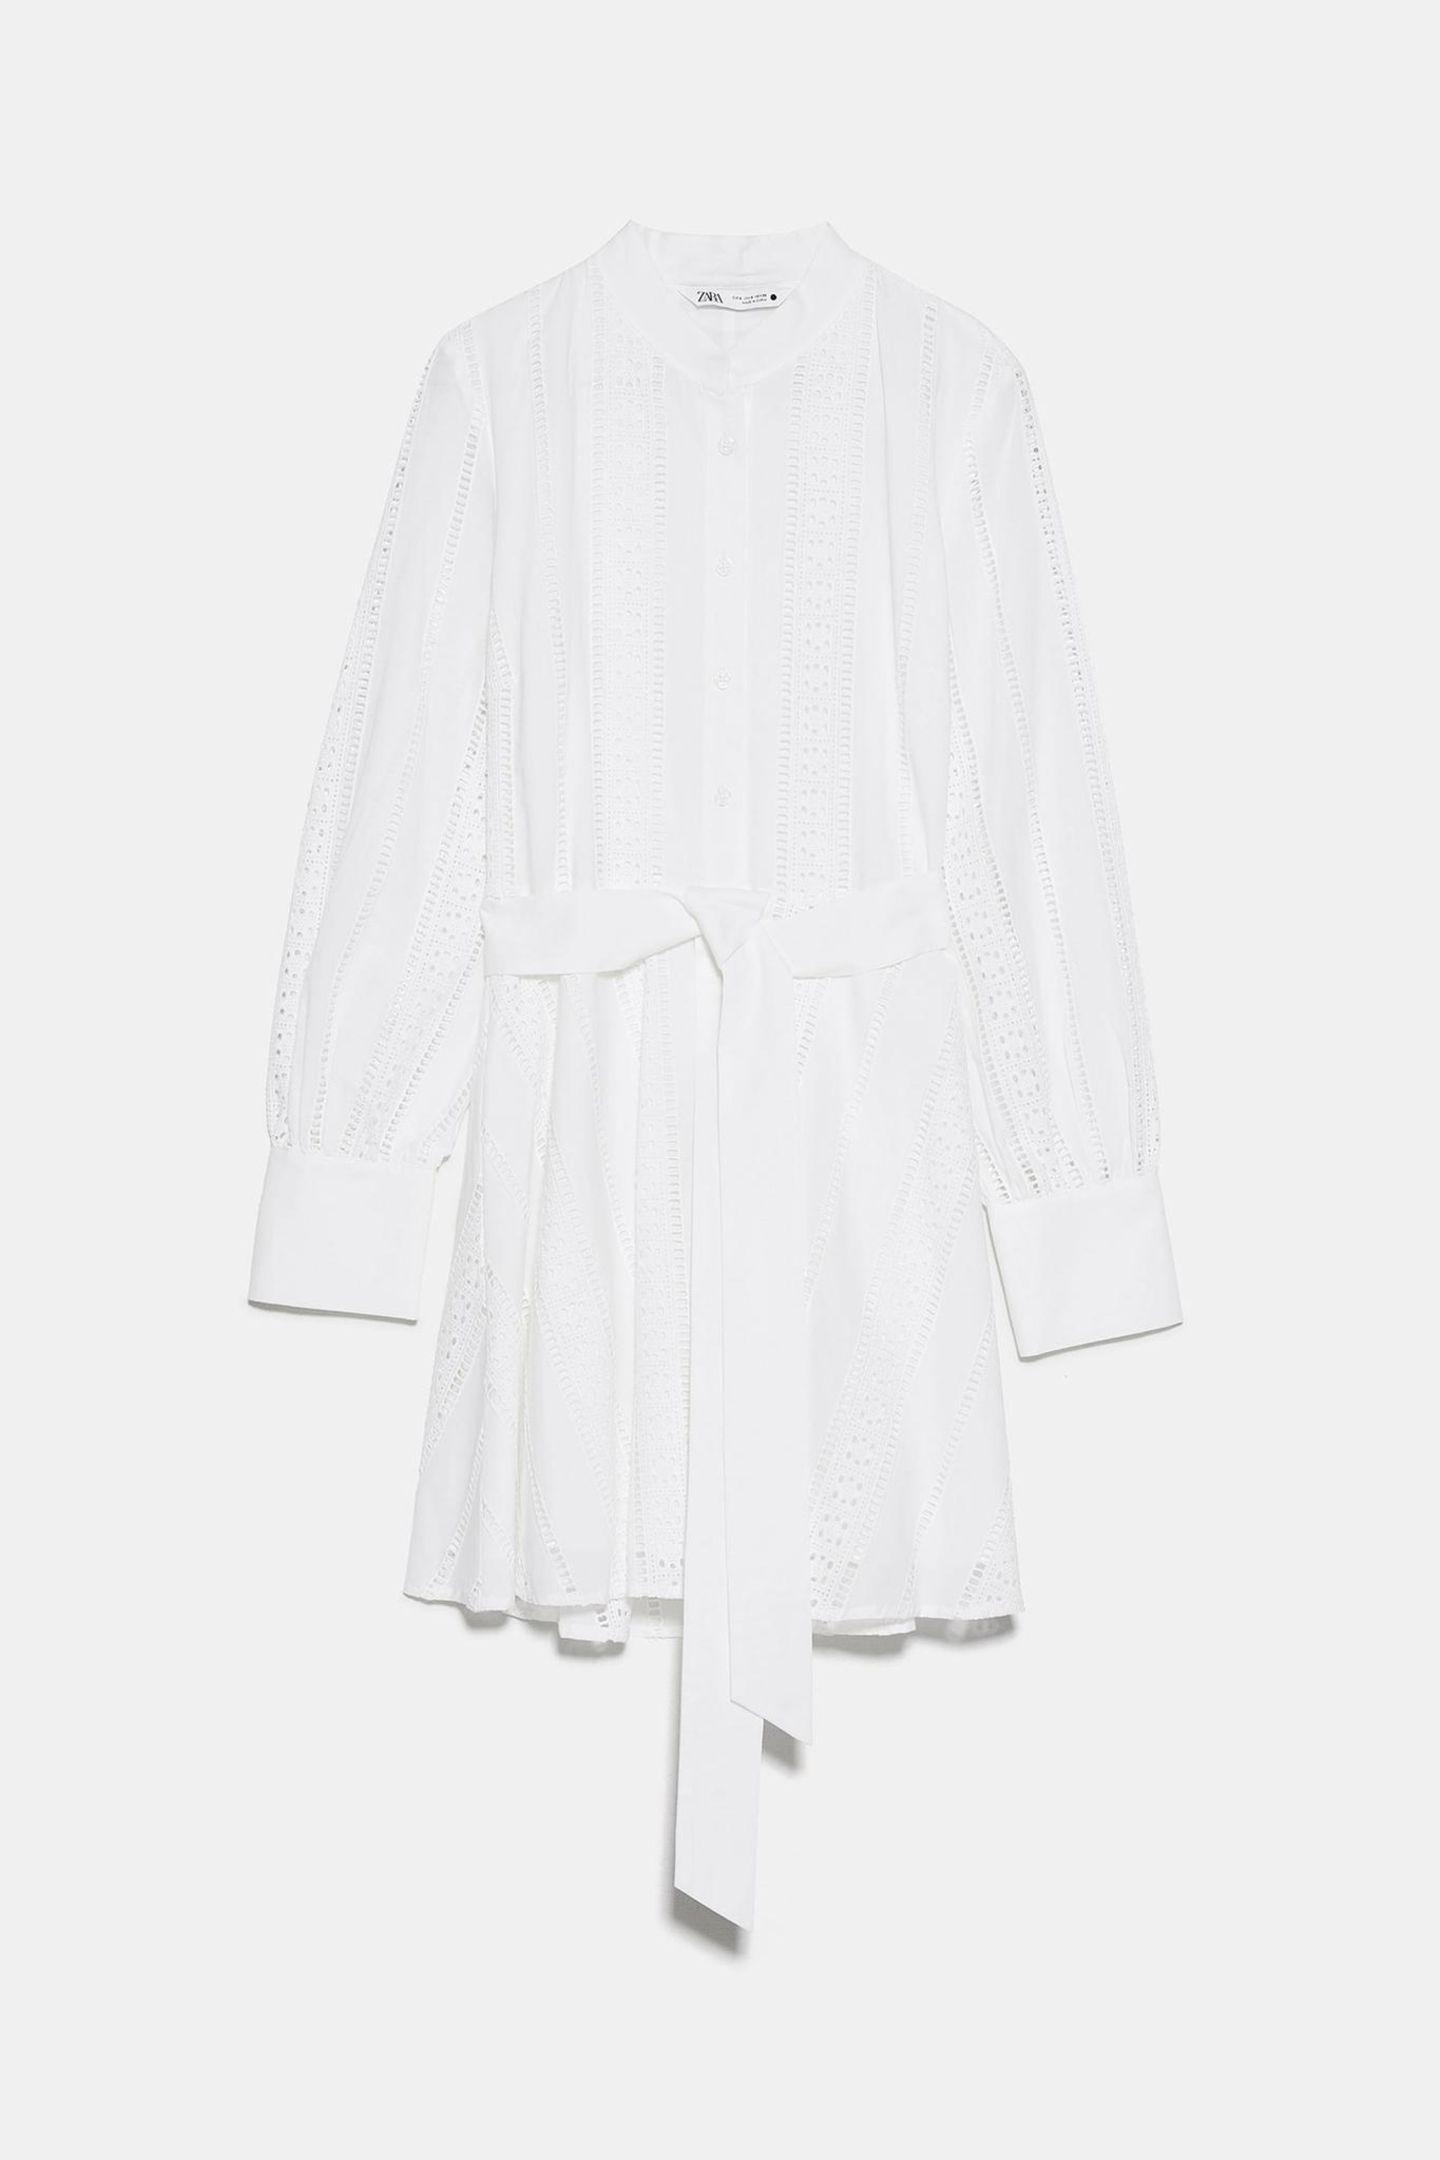 Weiße Kleider gehören zu den absoluten Must-haves im Frühjahr/Sommer. Dieses Traumteil kommt mit langen Armen, coolem Bindegürtel und toller Lochspitze daher. Von Zara, um 50 Euro.